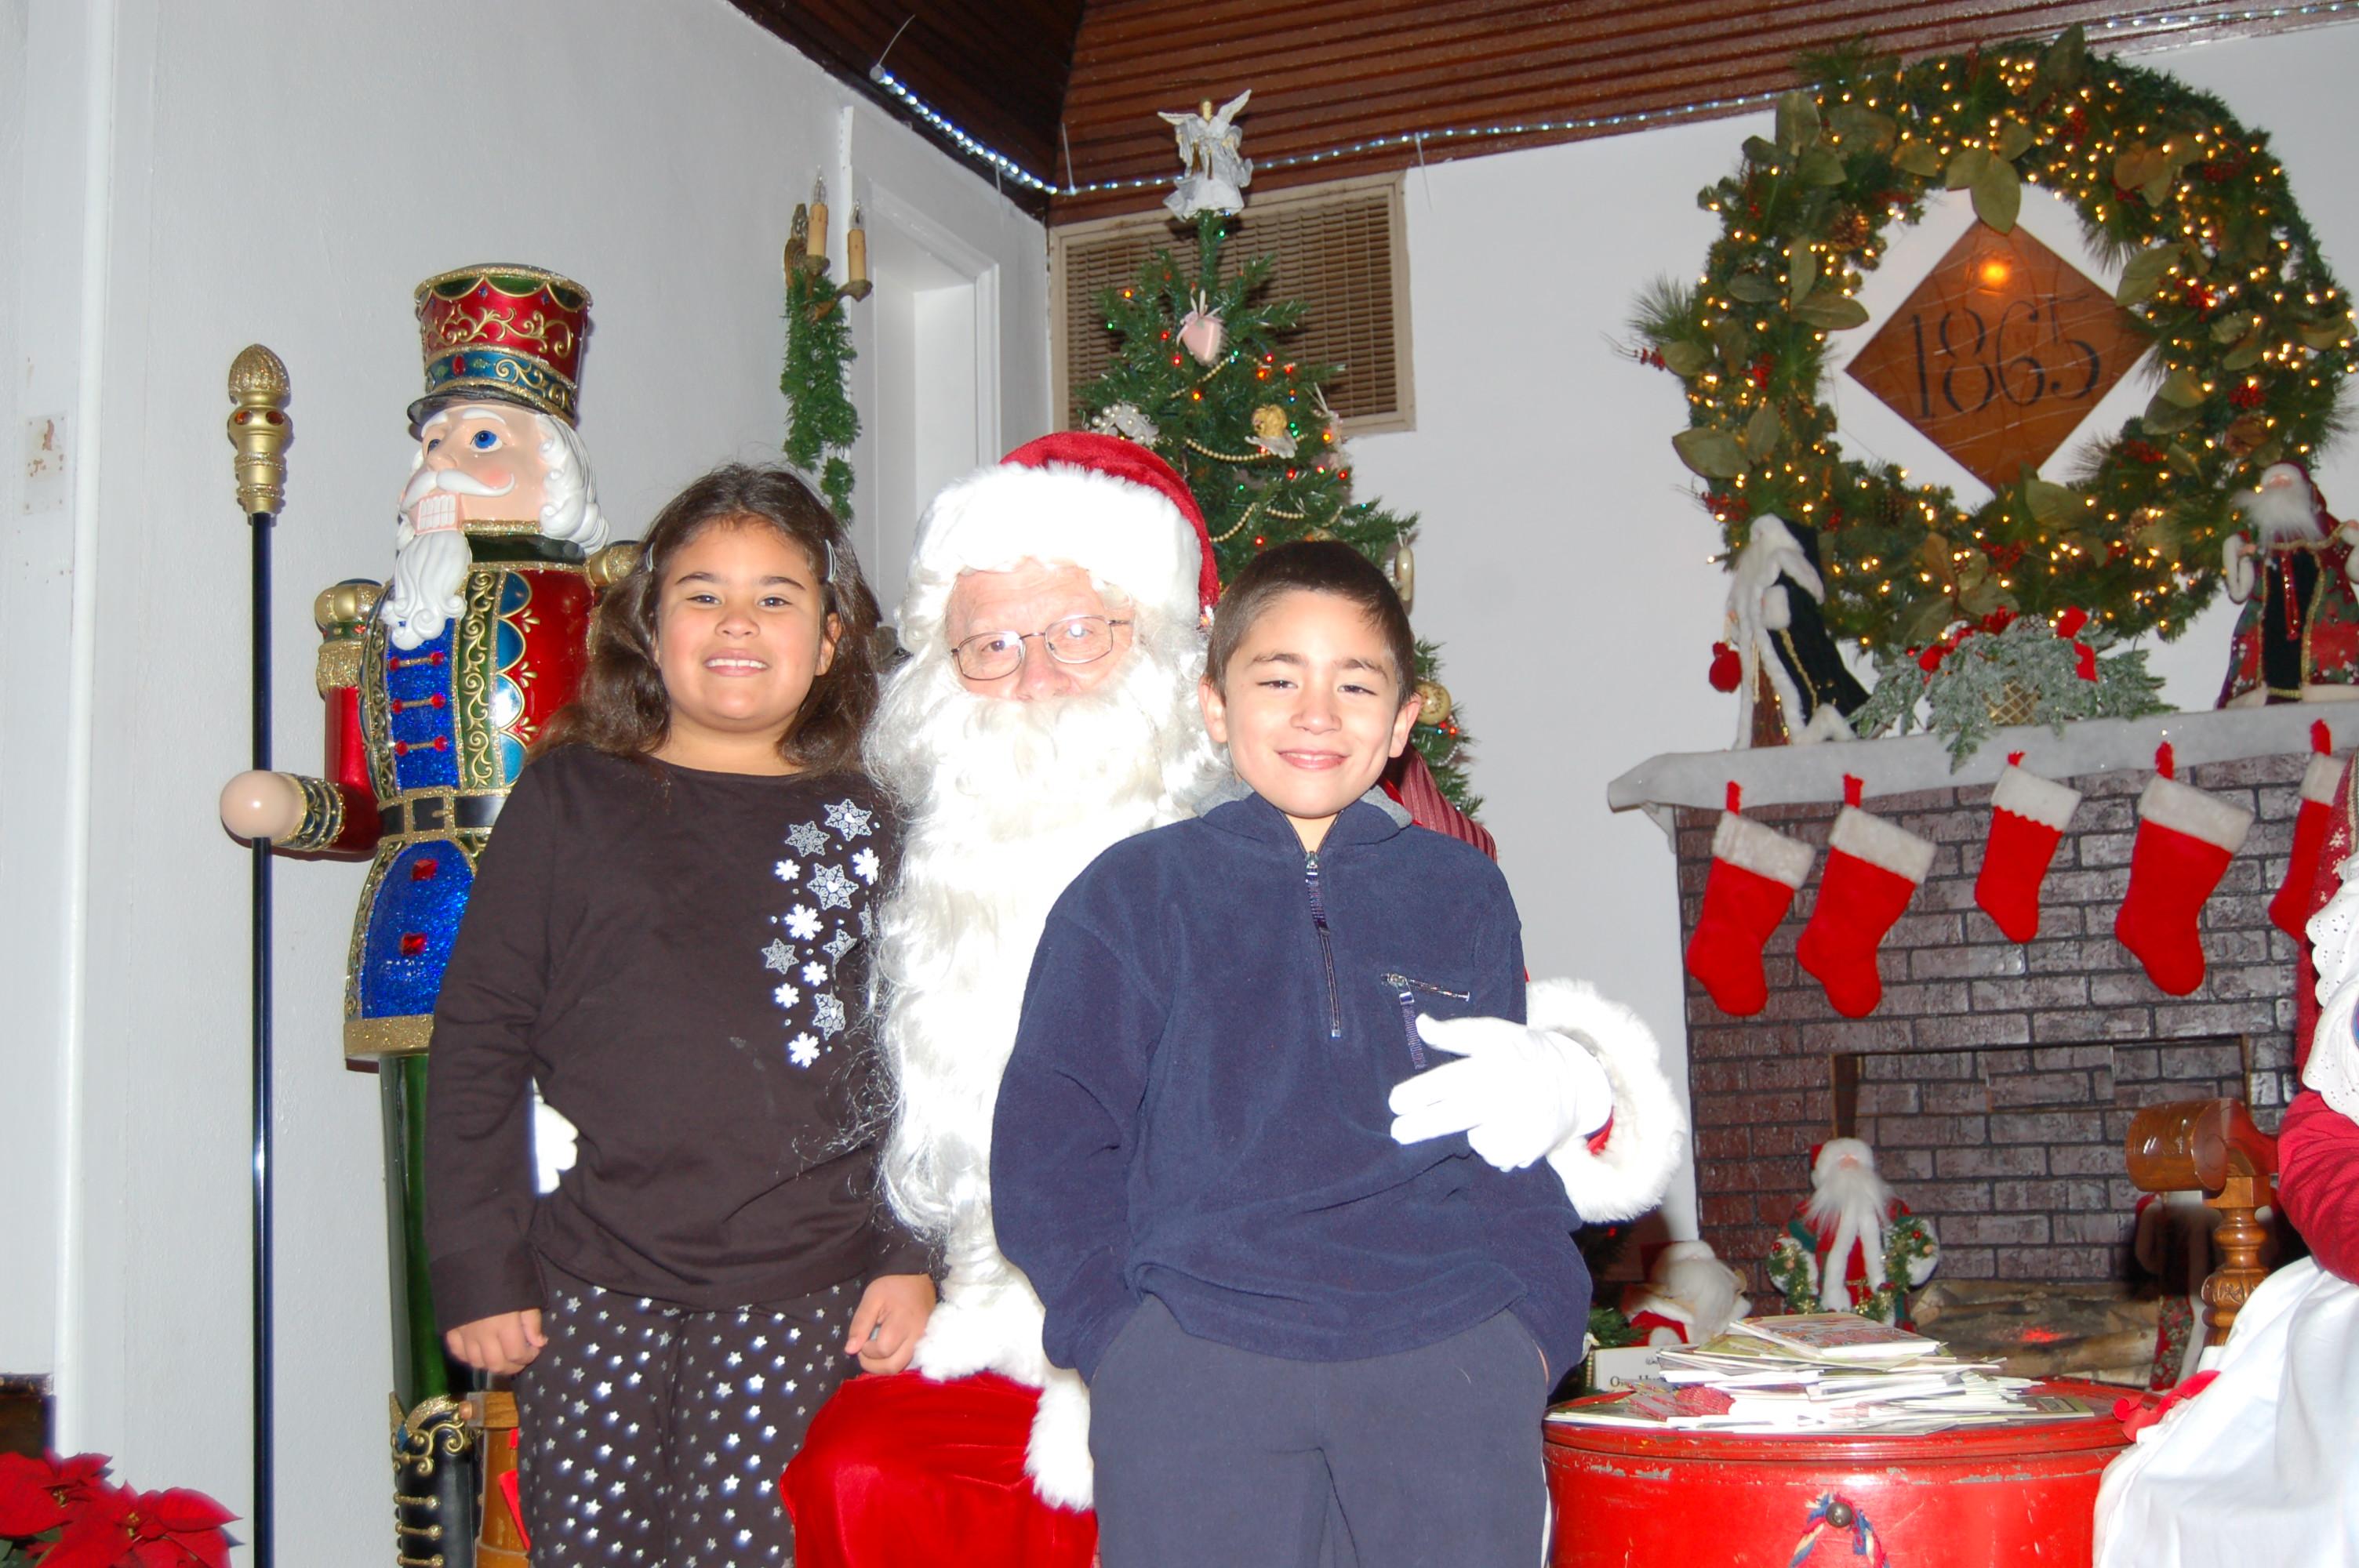 LolliPop+Lane+12-13-2008+Picture+002.jpg